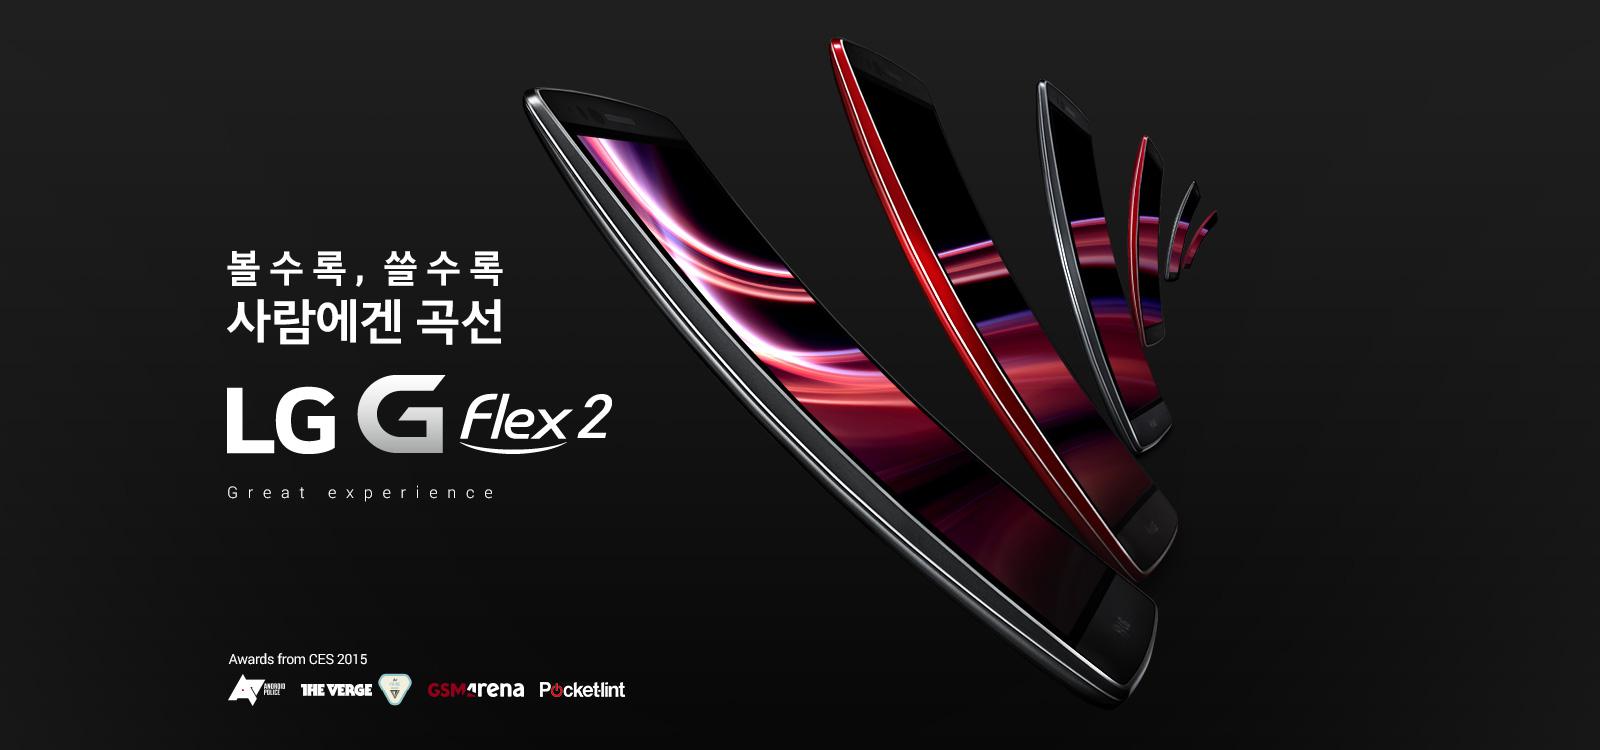 LG G Flex 2 ⓒ사진 제공 LG전자 G Flex2 공식 홈페이지